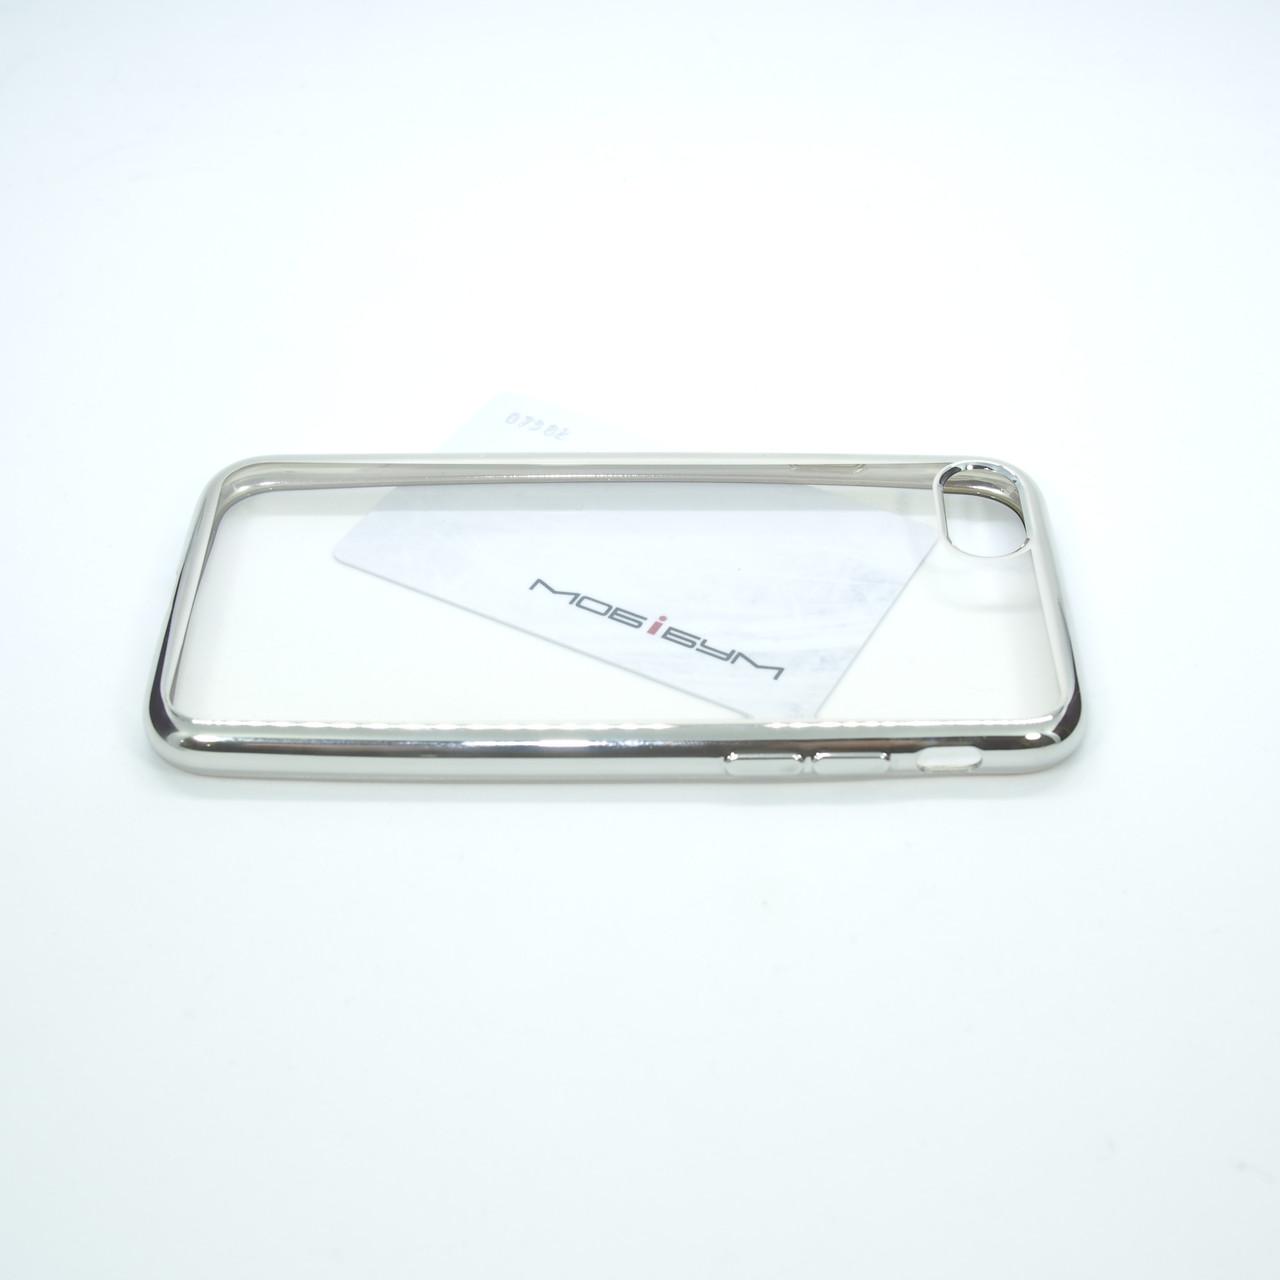 TPU bamper iPhone 7 silver Для телефона Чехол